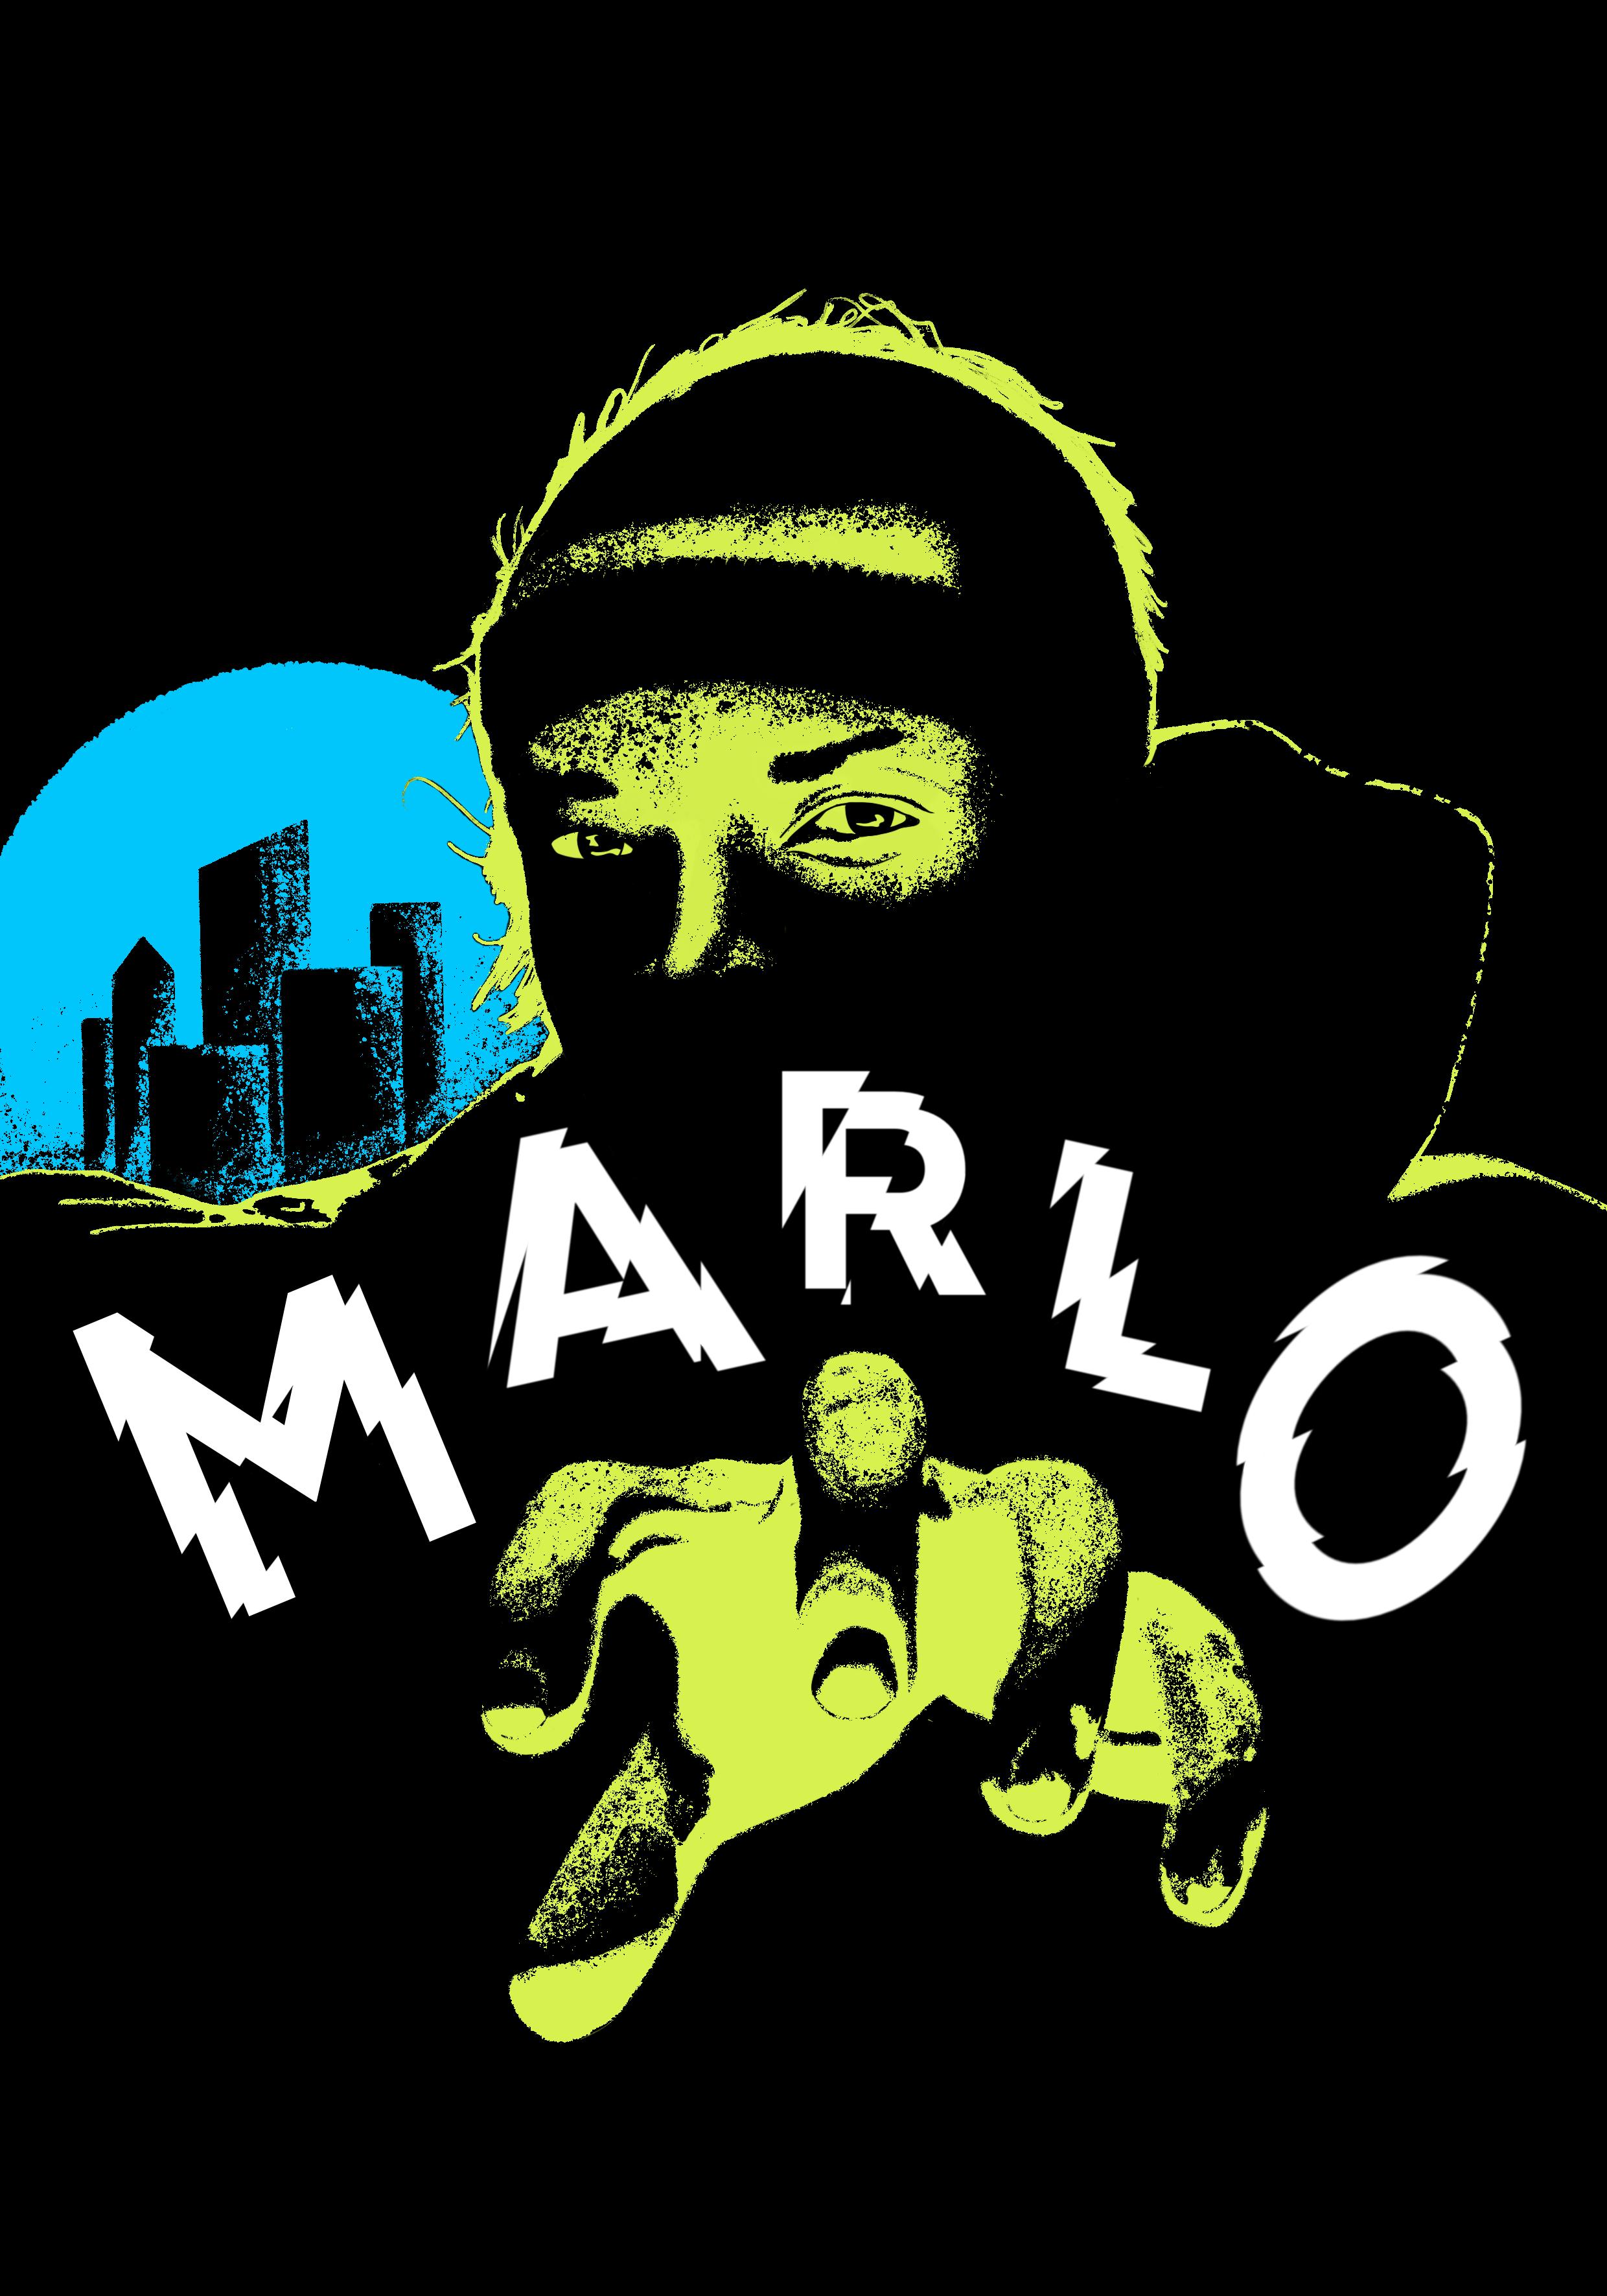 (плакат) марло